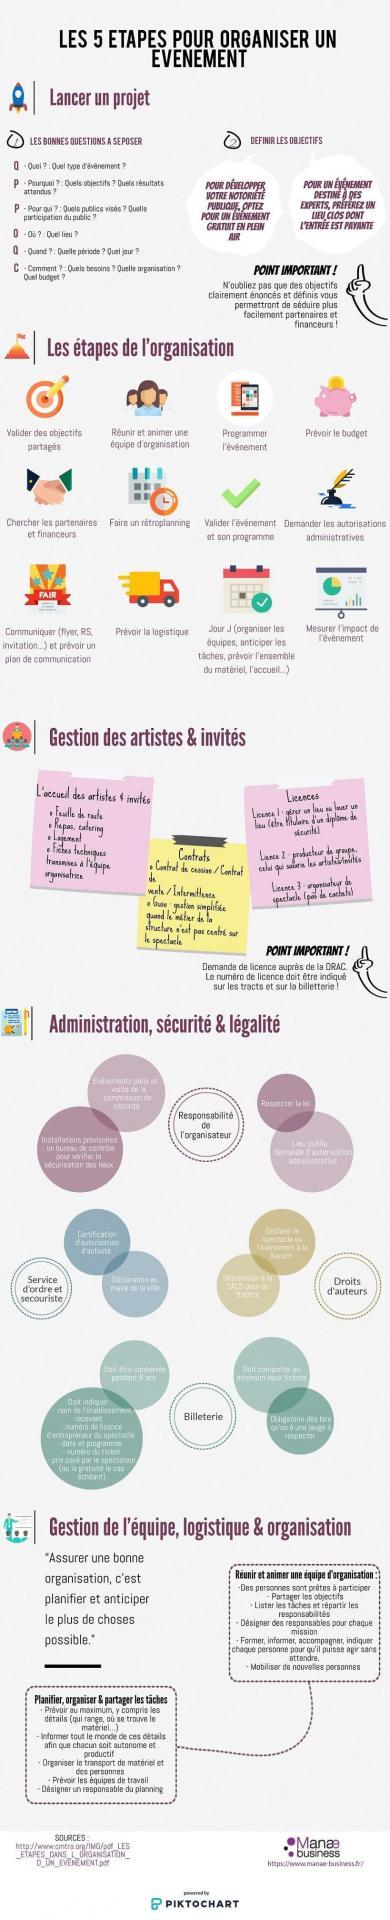 Infographie Manae comment organiser un évènement ?